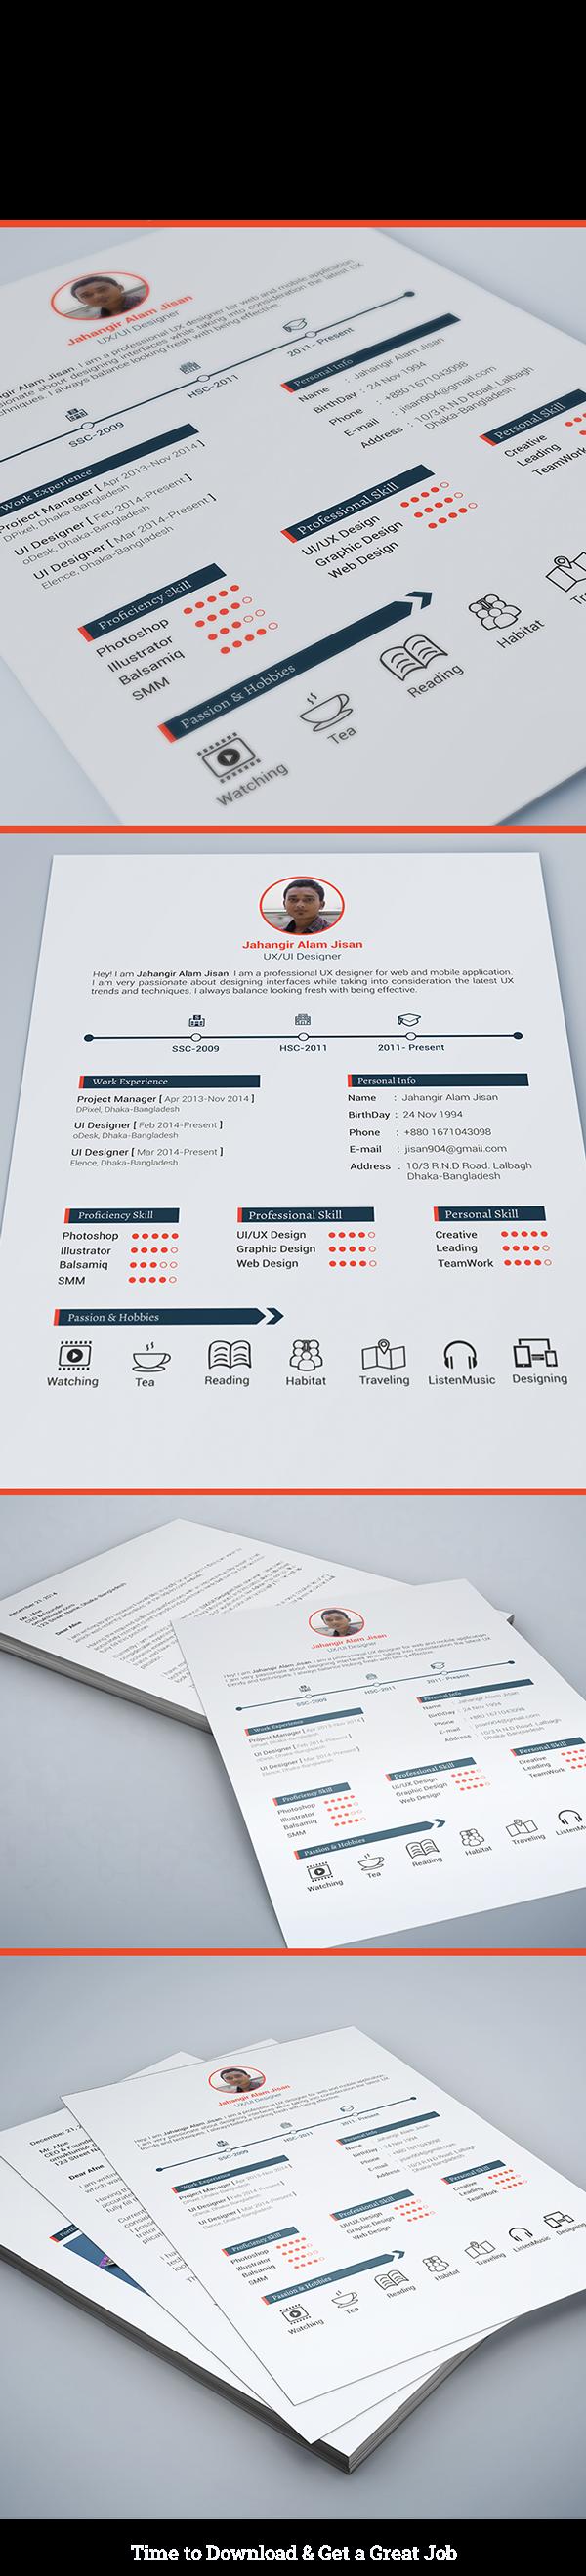 Free Resume Template 3 Page On Behance Desain Cv Kreatif Desain